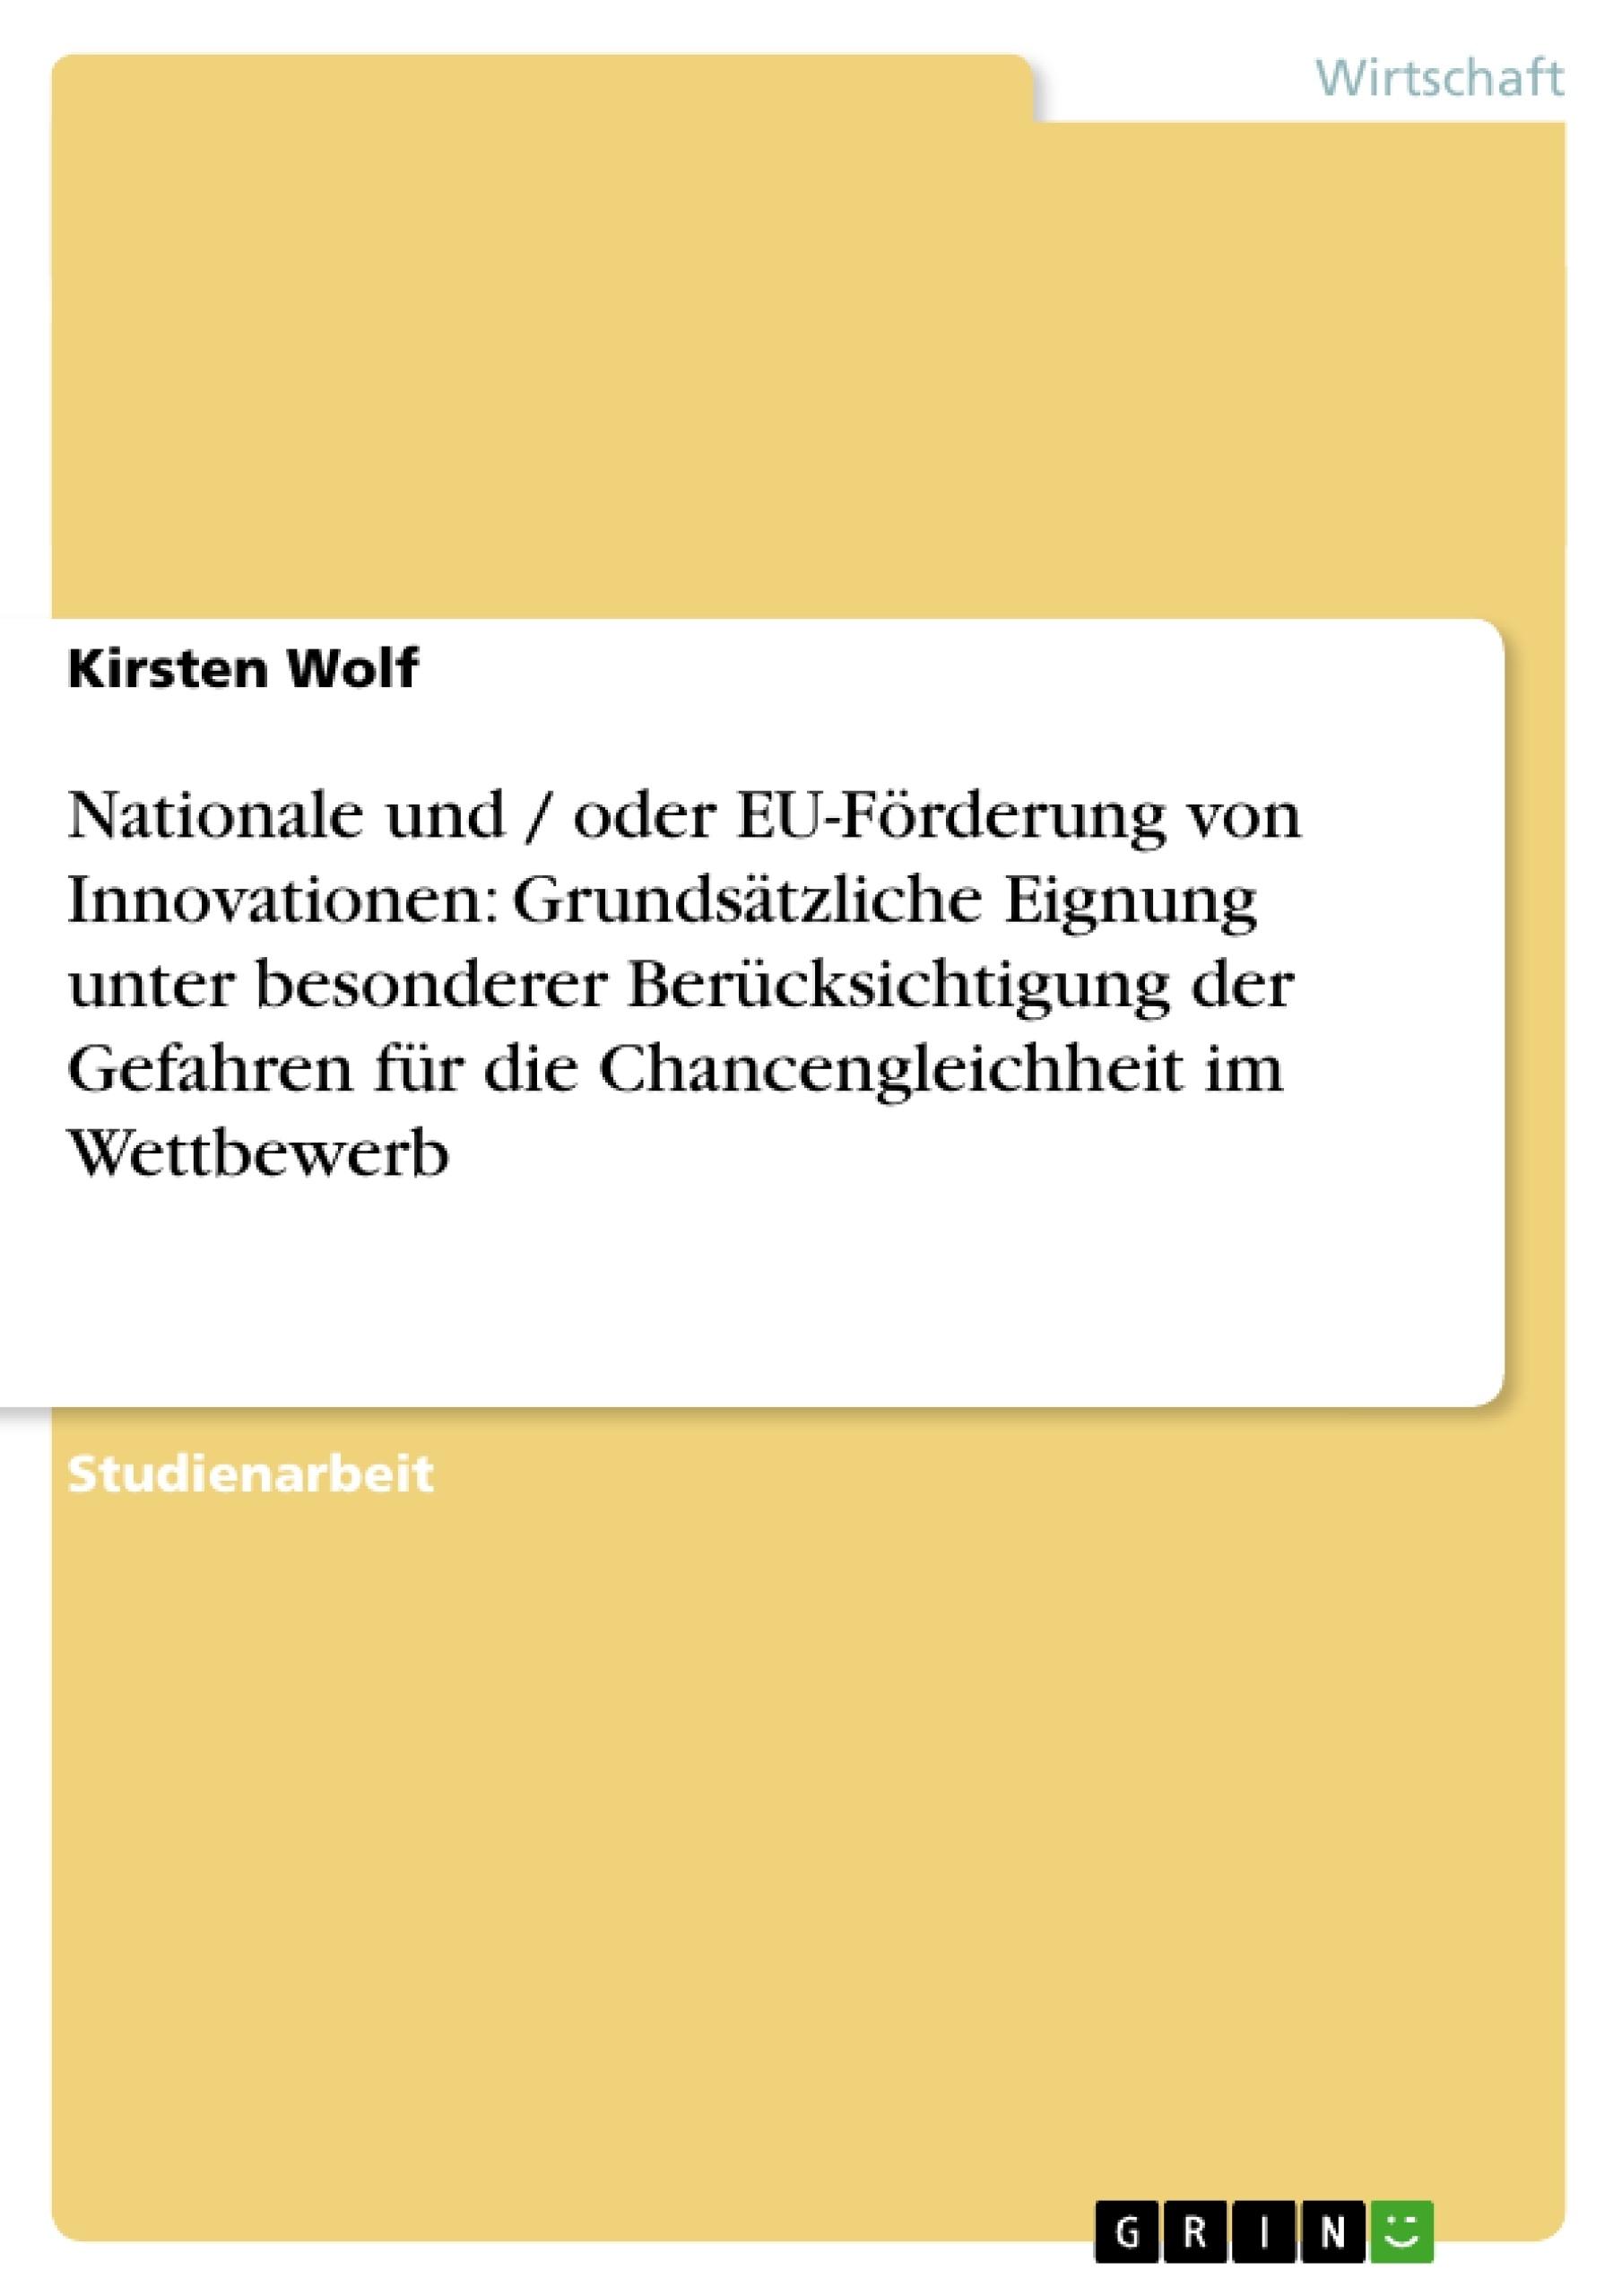 Titel: Nationale und / oder EU-Förderung von Innovationen: Grundsätzliche Eignung unter besonderer Berücksichtigung der Gefahren für die Chancengleichheit im Wettbewerb